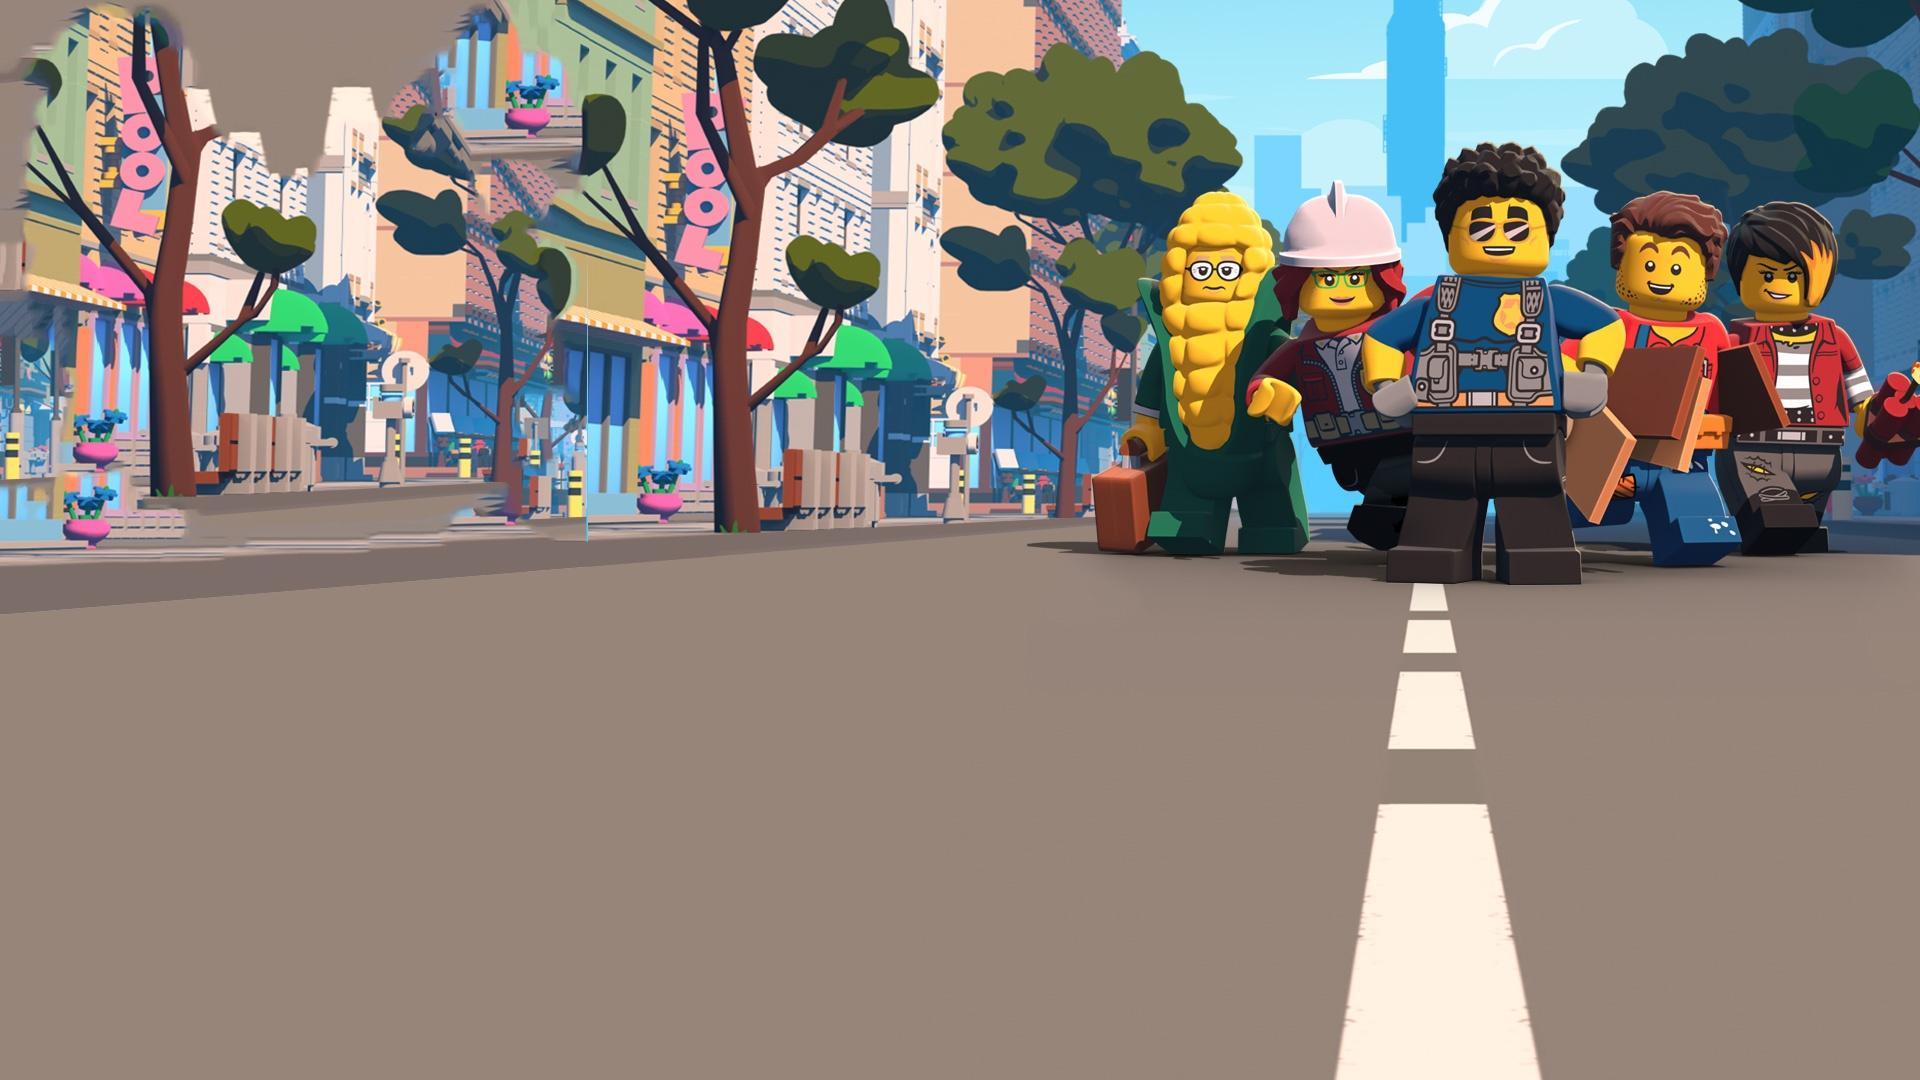 Nickelodeon Lego City Adventures